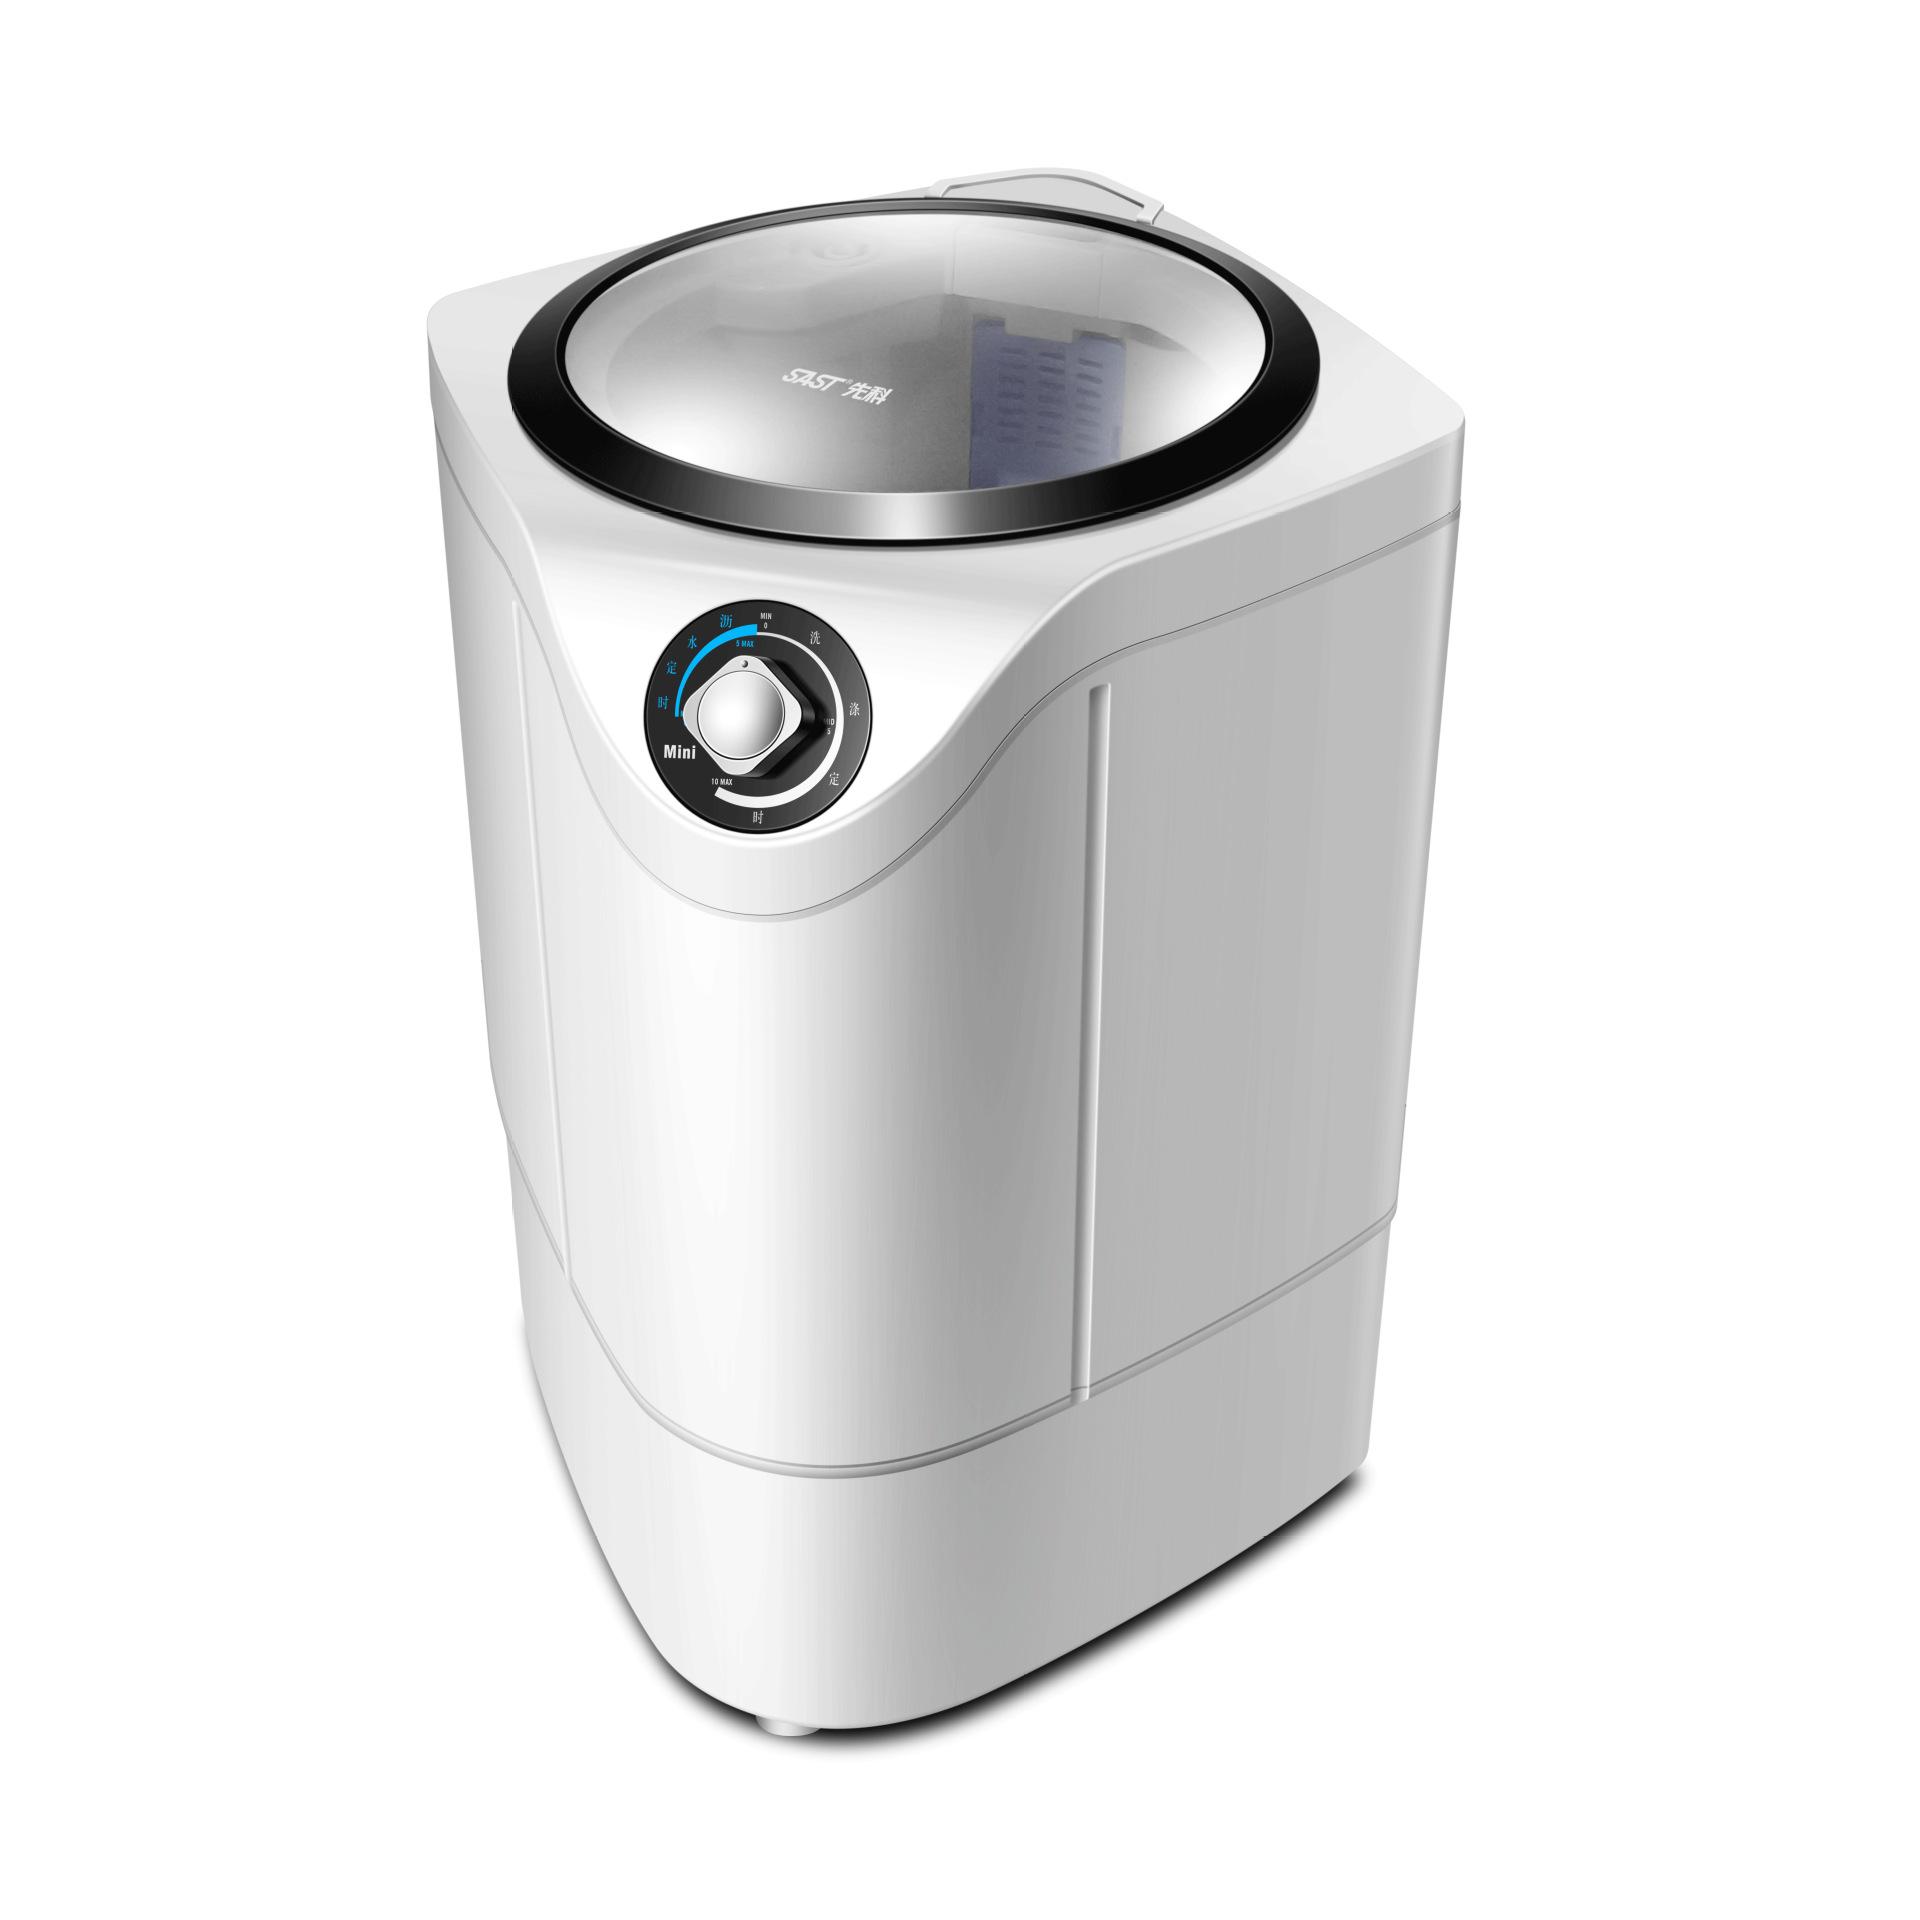 SAST Máy giặt Senko XPB48-B1 bé nhỏ thùng đơn thùng xô bán tự động